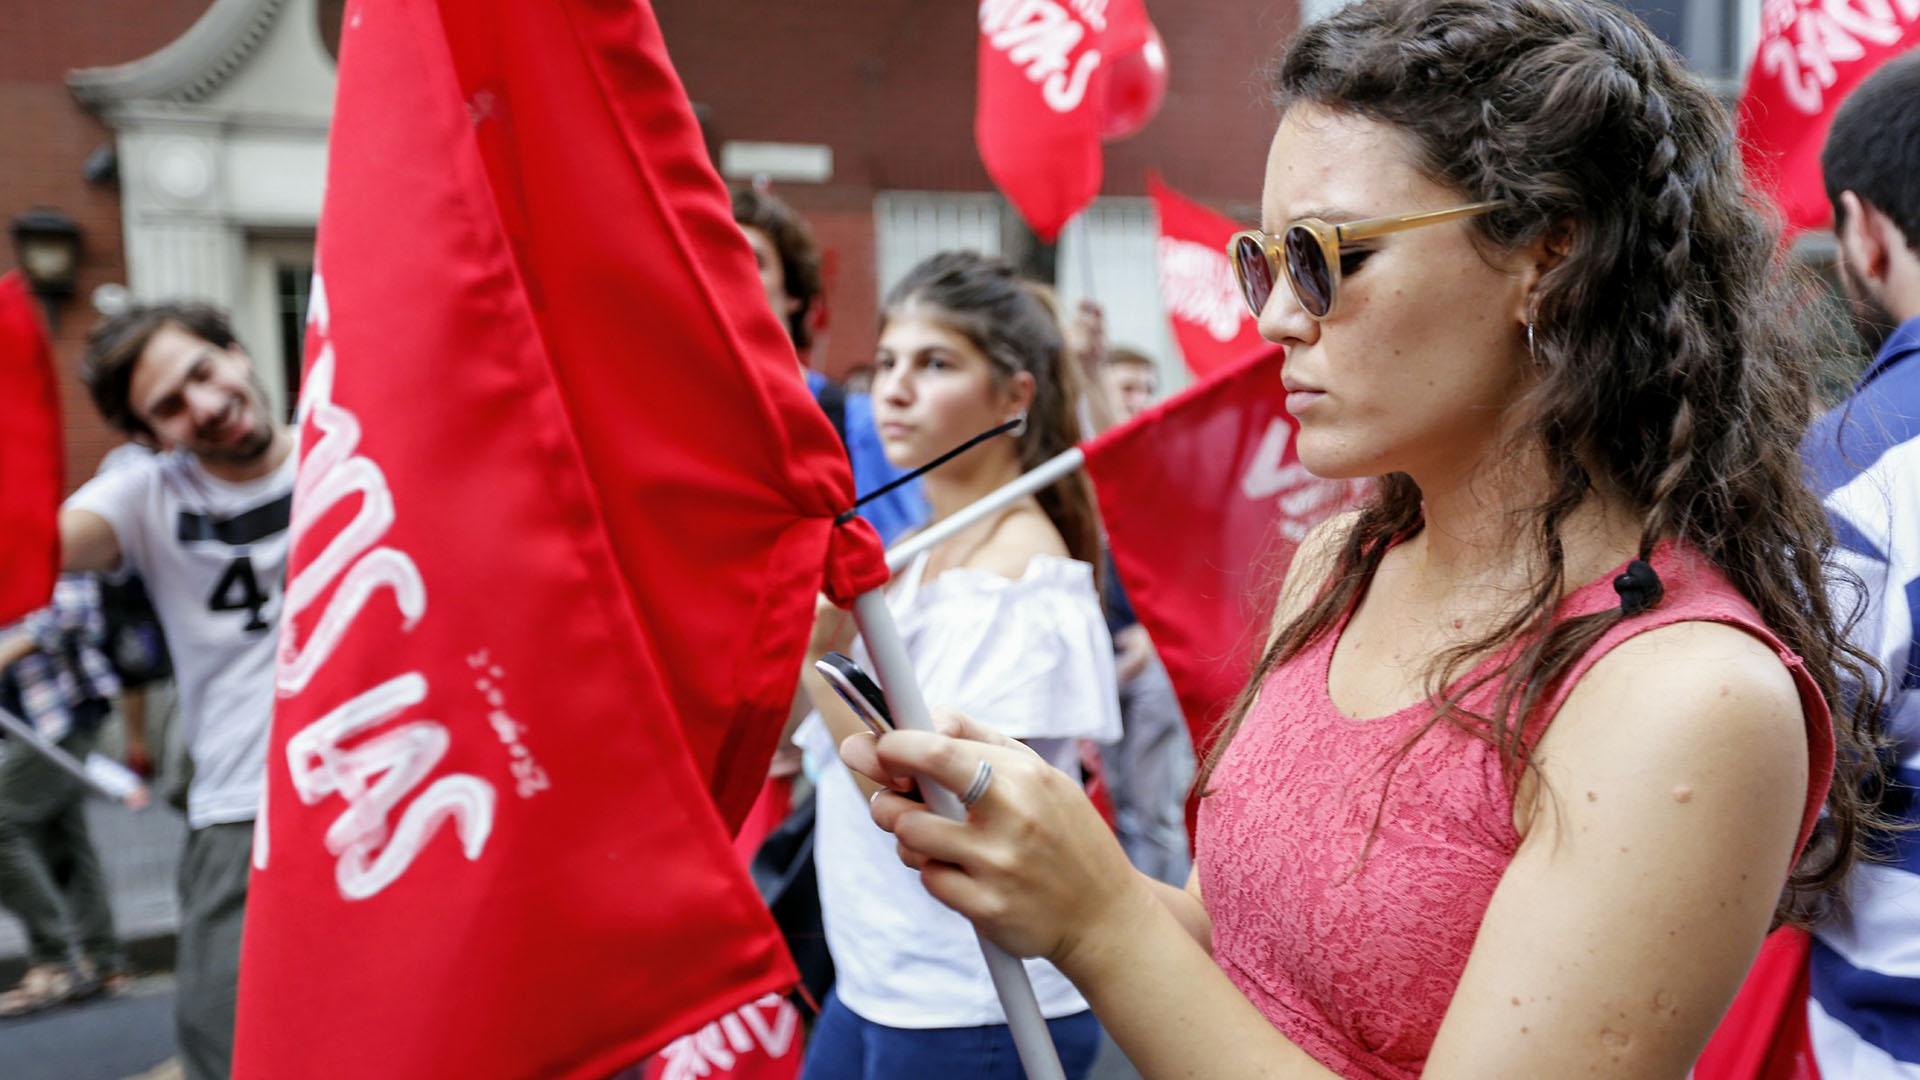 La manifestación en contra de la despenalización del aborto se identificó con banderas rojas